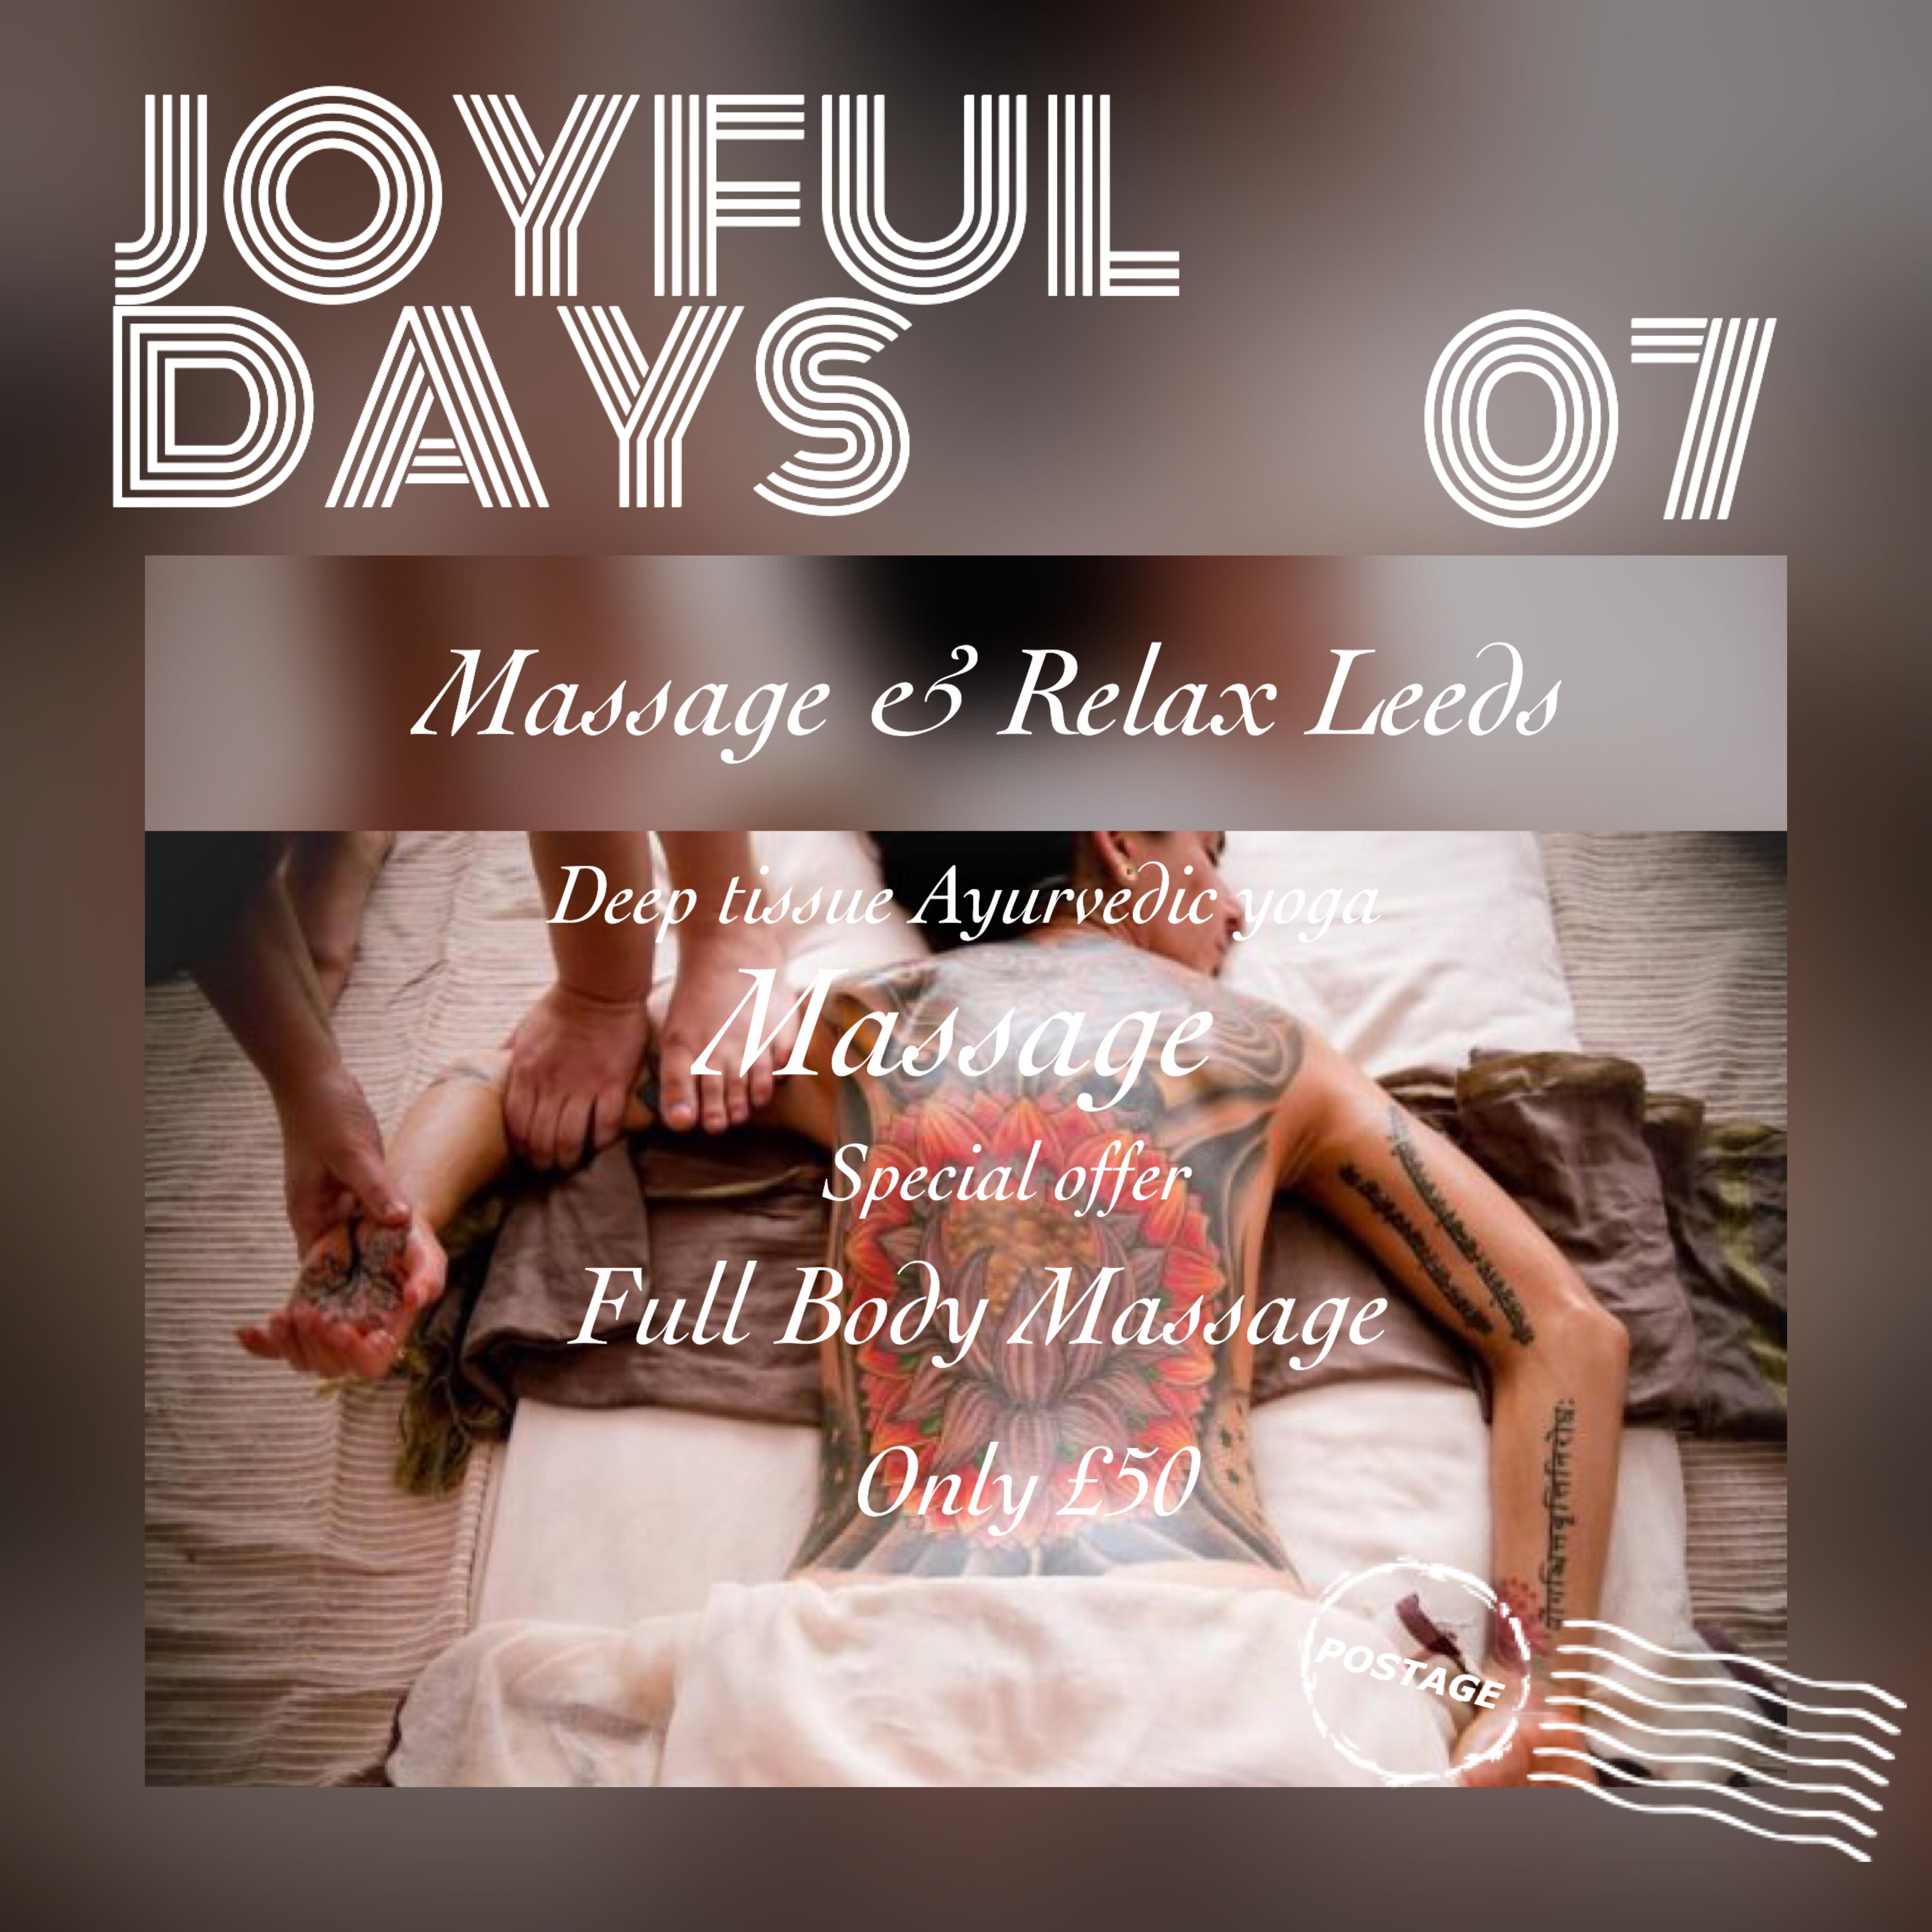 Massage & Relax Leeds